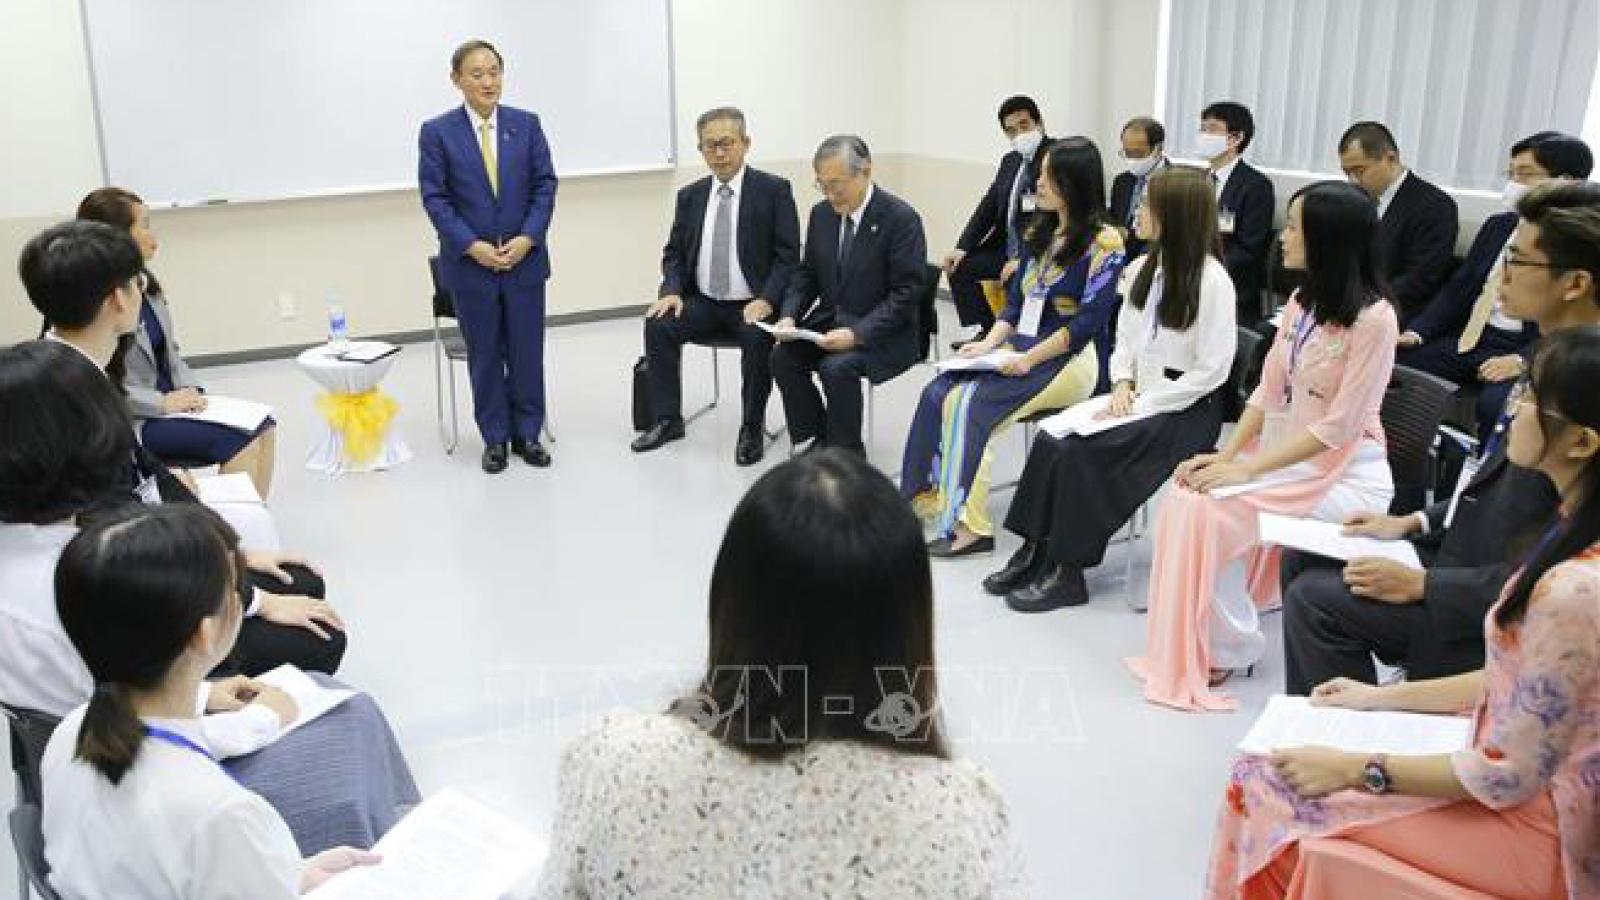 Thủ tướng Nhật Bản diễn thuyết về chính sách ngoại giao với sinh viên tại Việt Nam